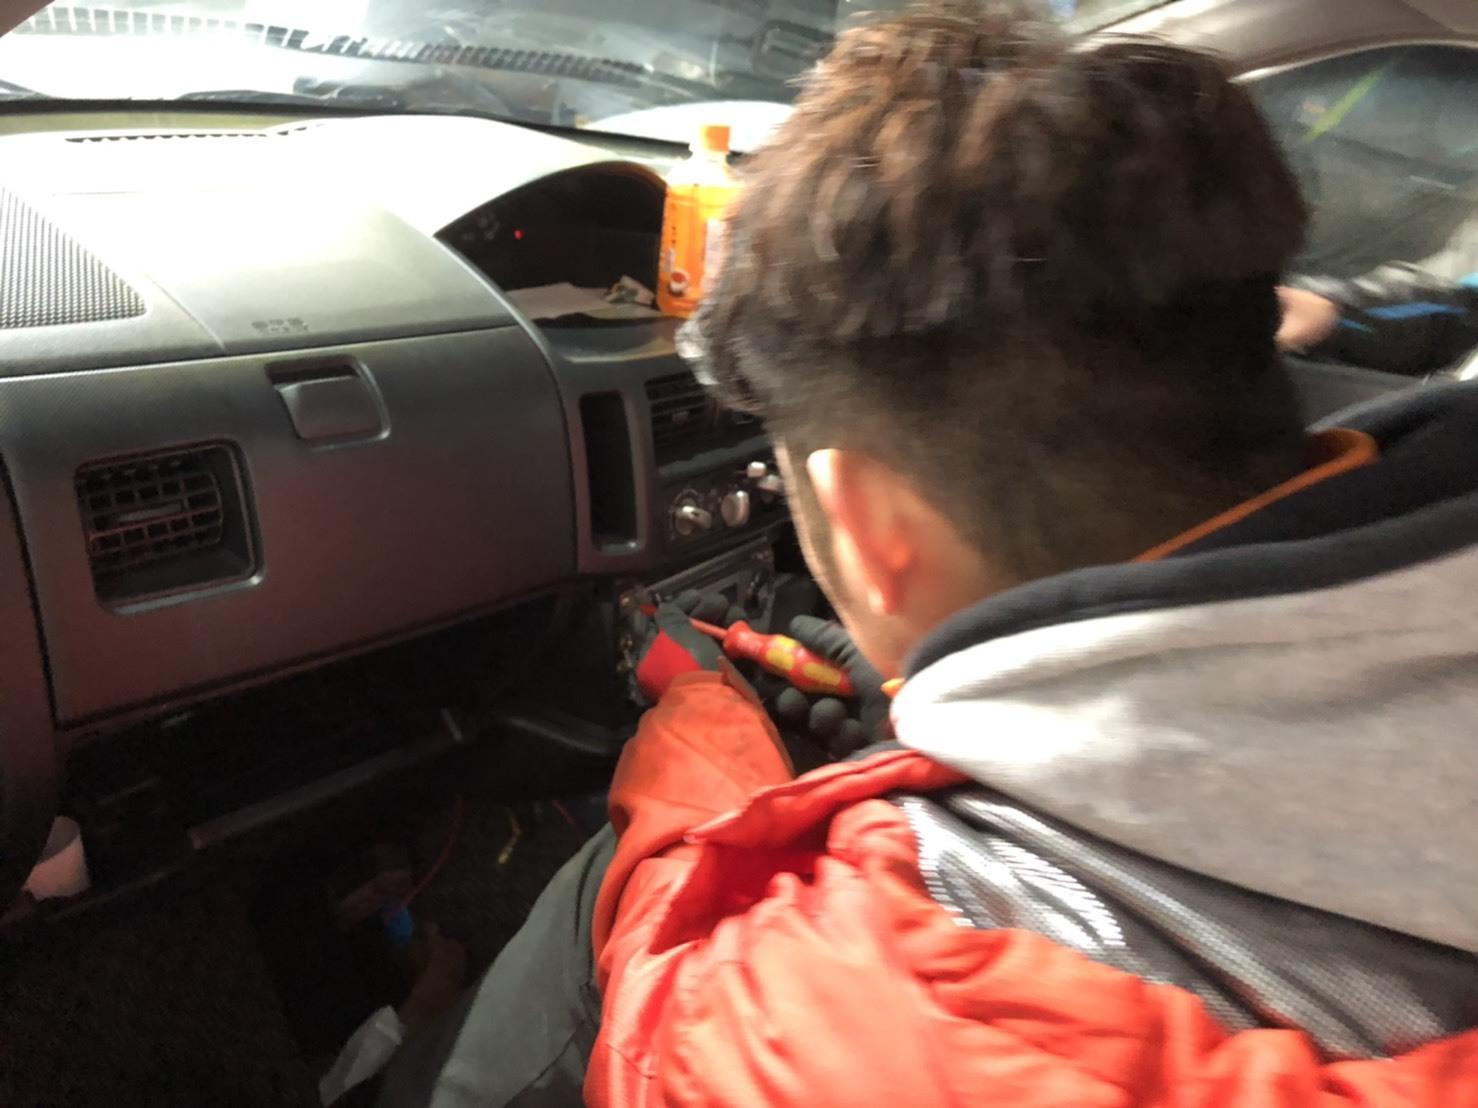 12月22日(日)TOMMYBASEブログ☆S様エブリィワゴン納車✨✨レクサス専門♬スバル車多数🎶限定車♬希少車🎶レガシィ♬フォレスター☆自社ローン_b0127002_16404103.jpg